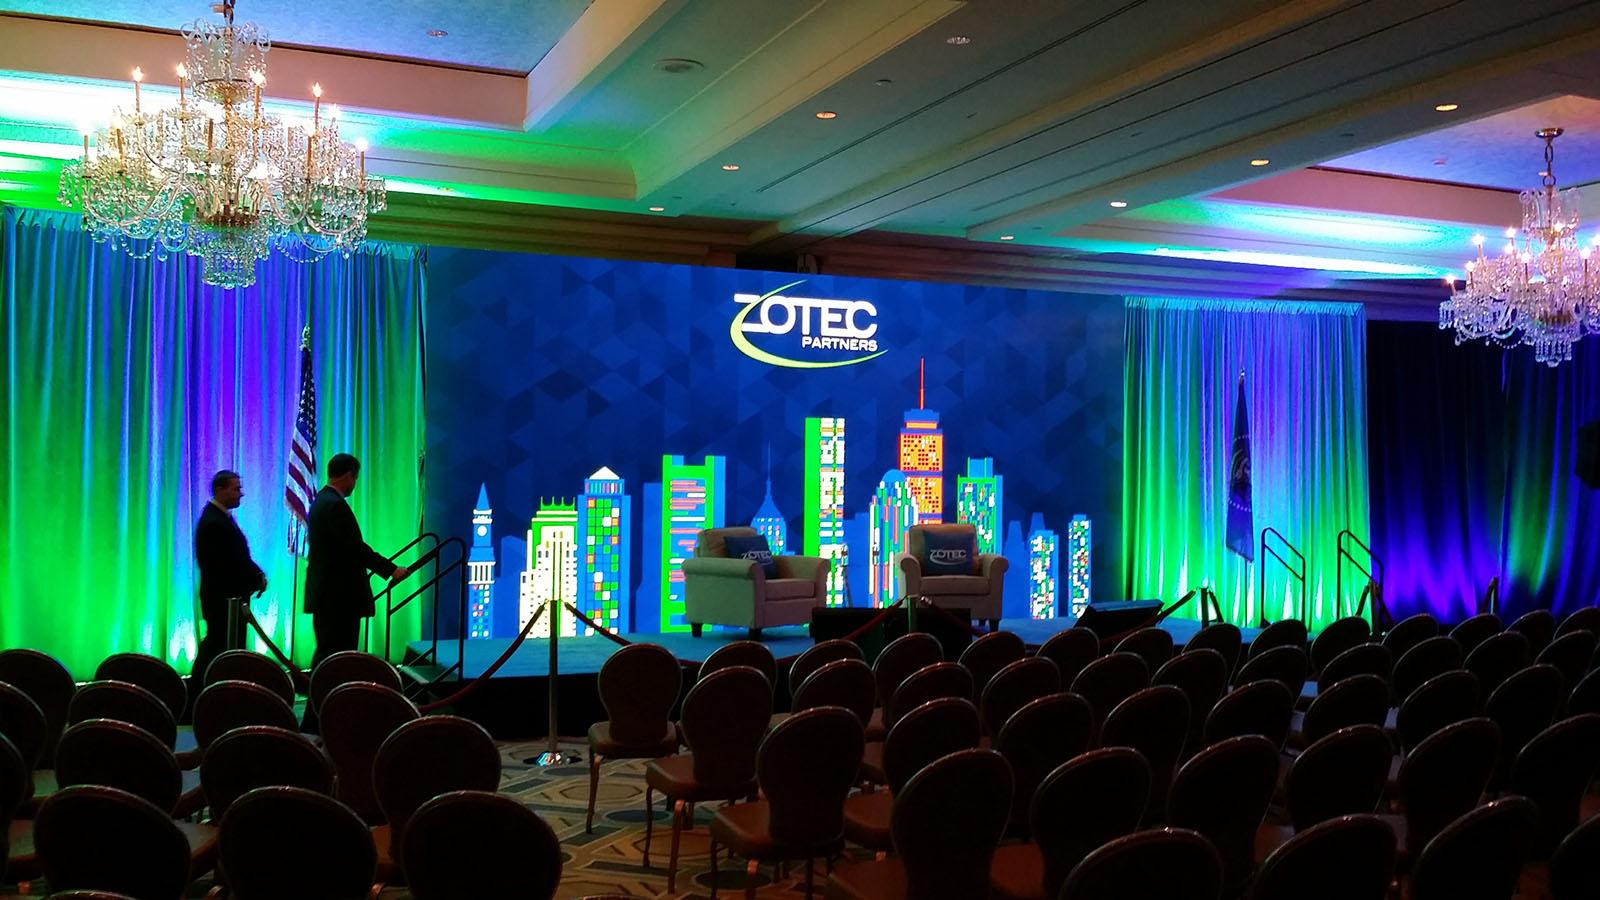 Zotech Partners Social Event Screen